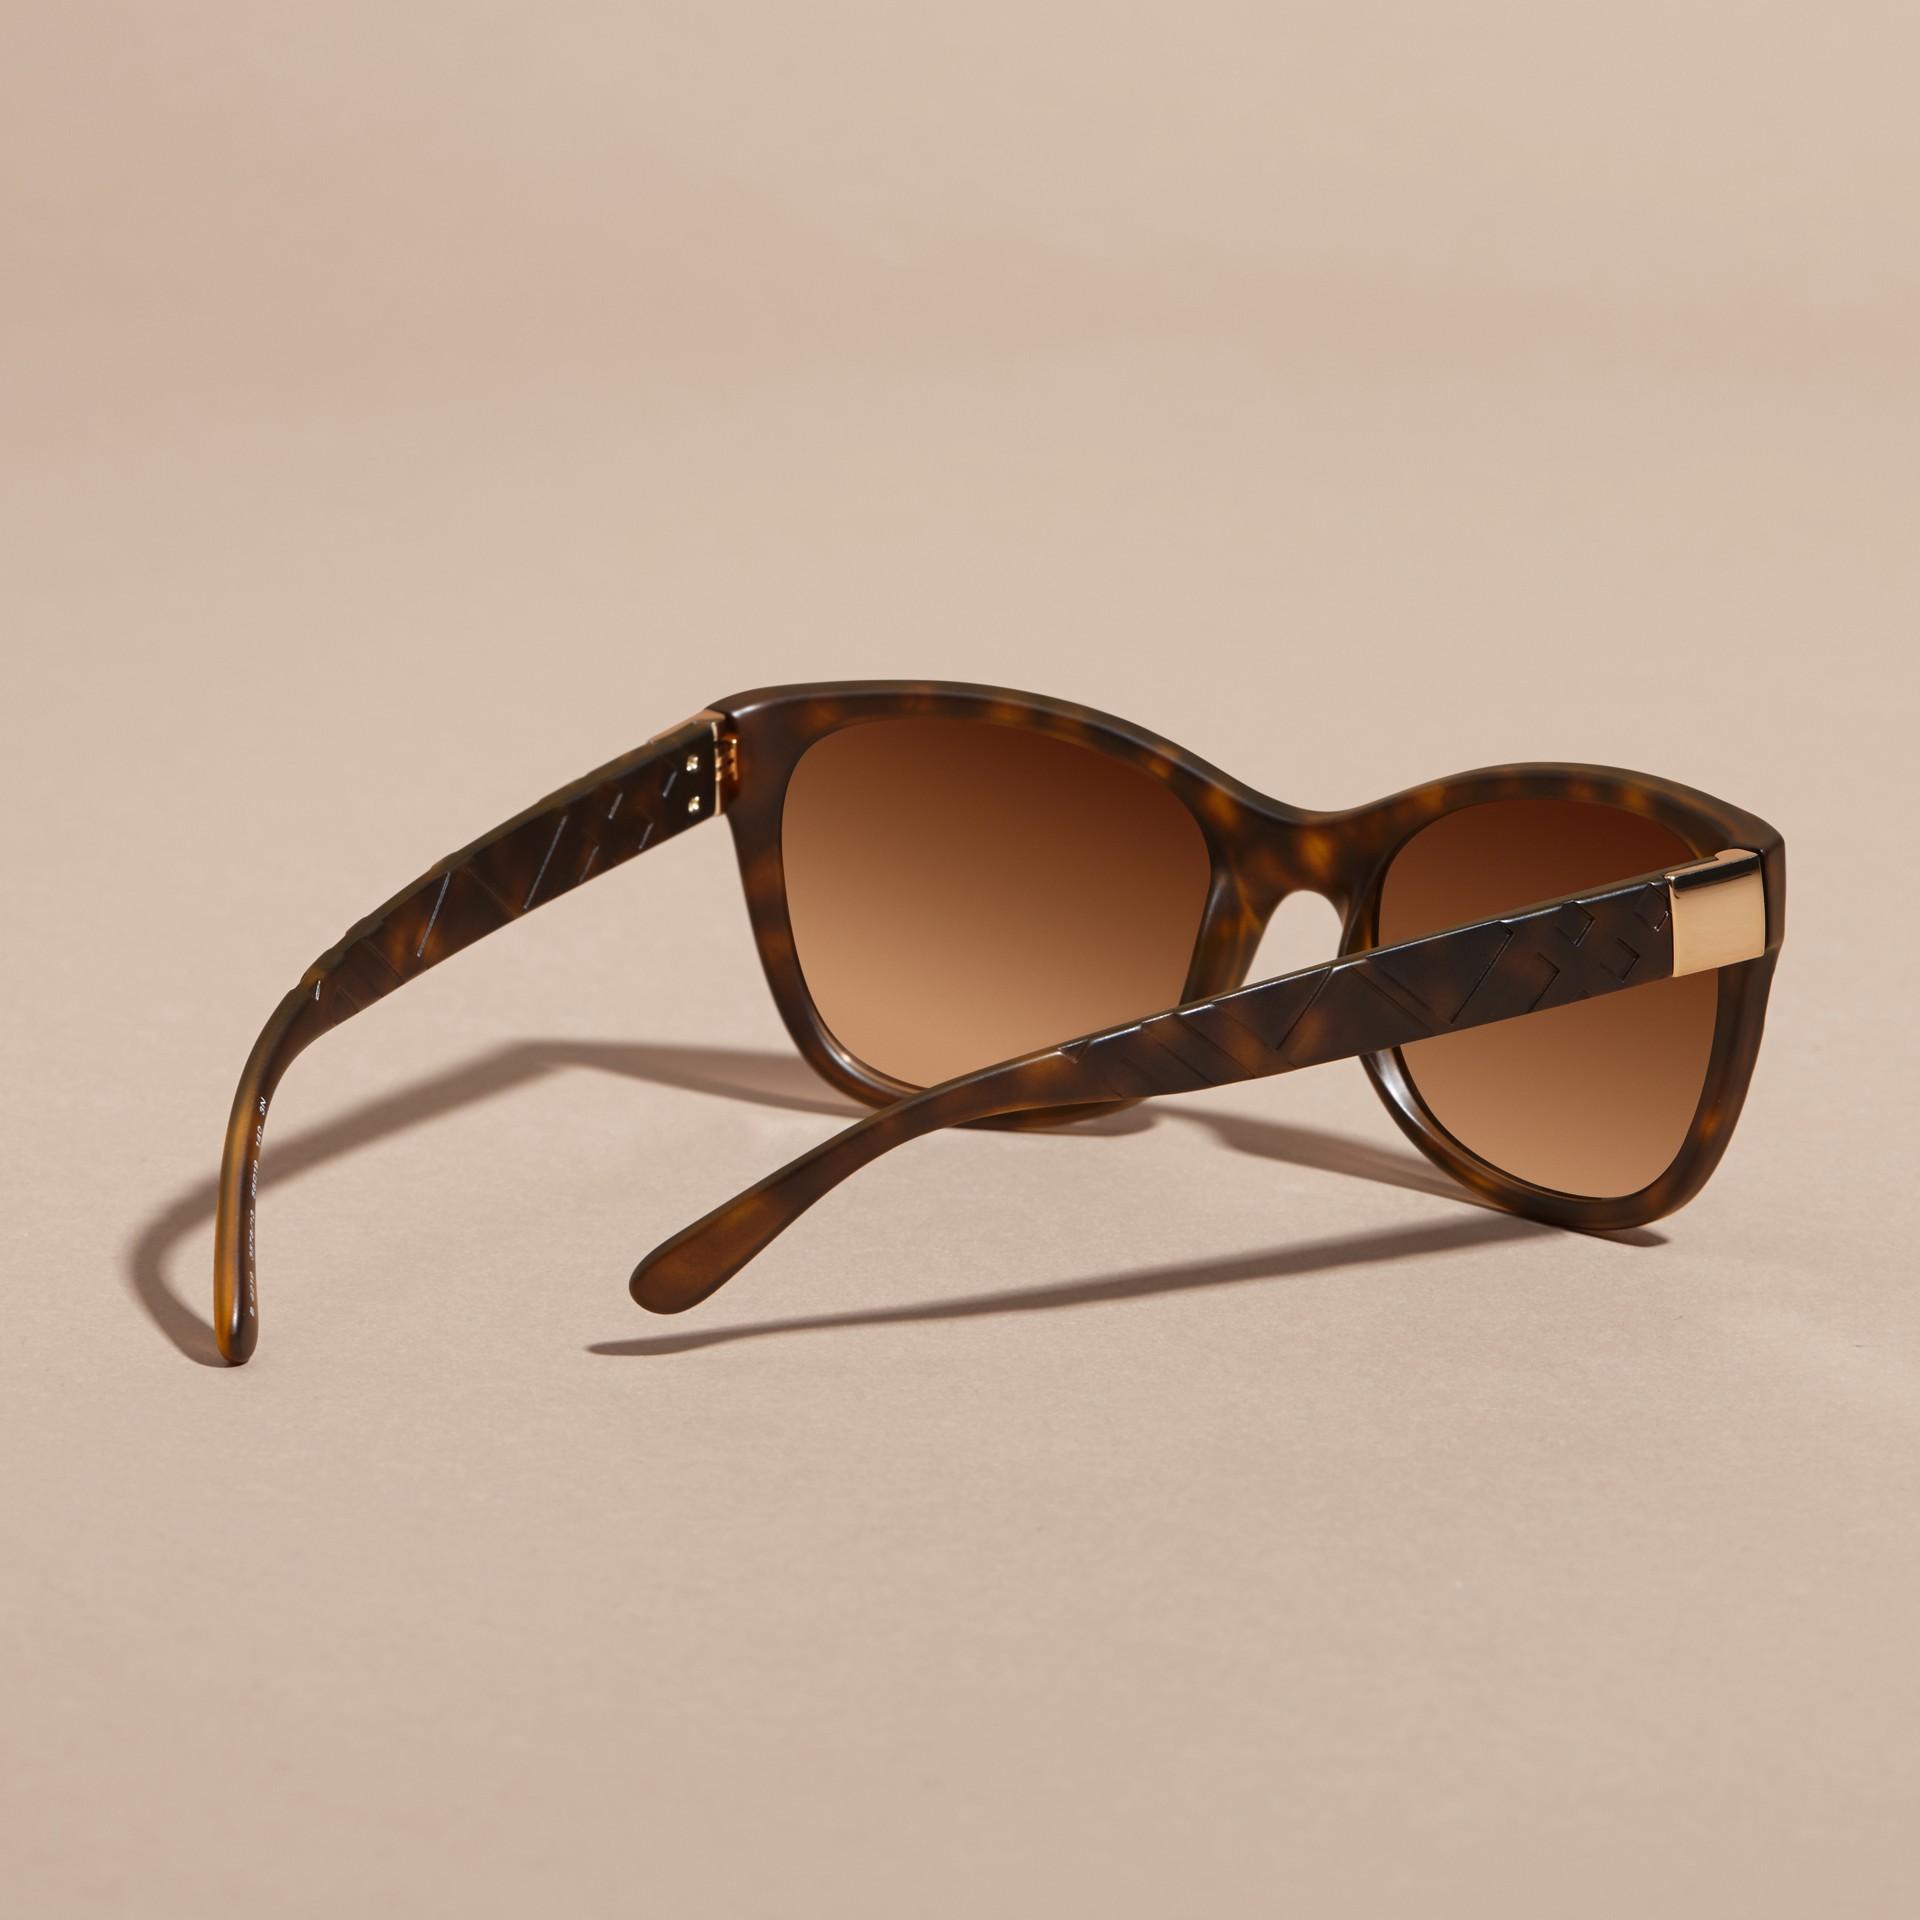 Tortoise shell 3D Check Square Frame Sunglasses Tortoise Shell - gallery image 4